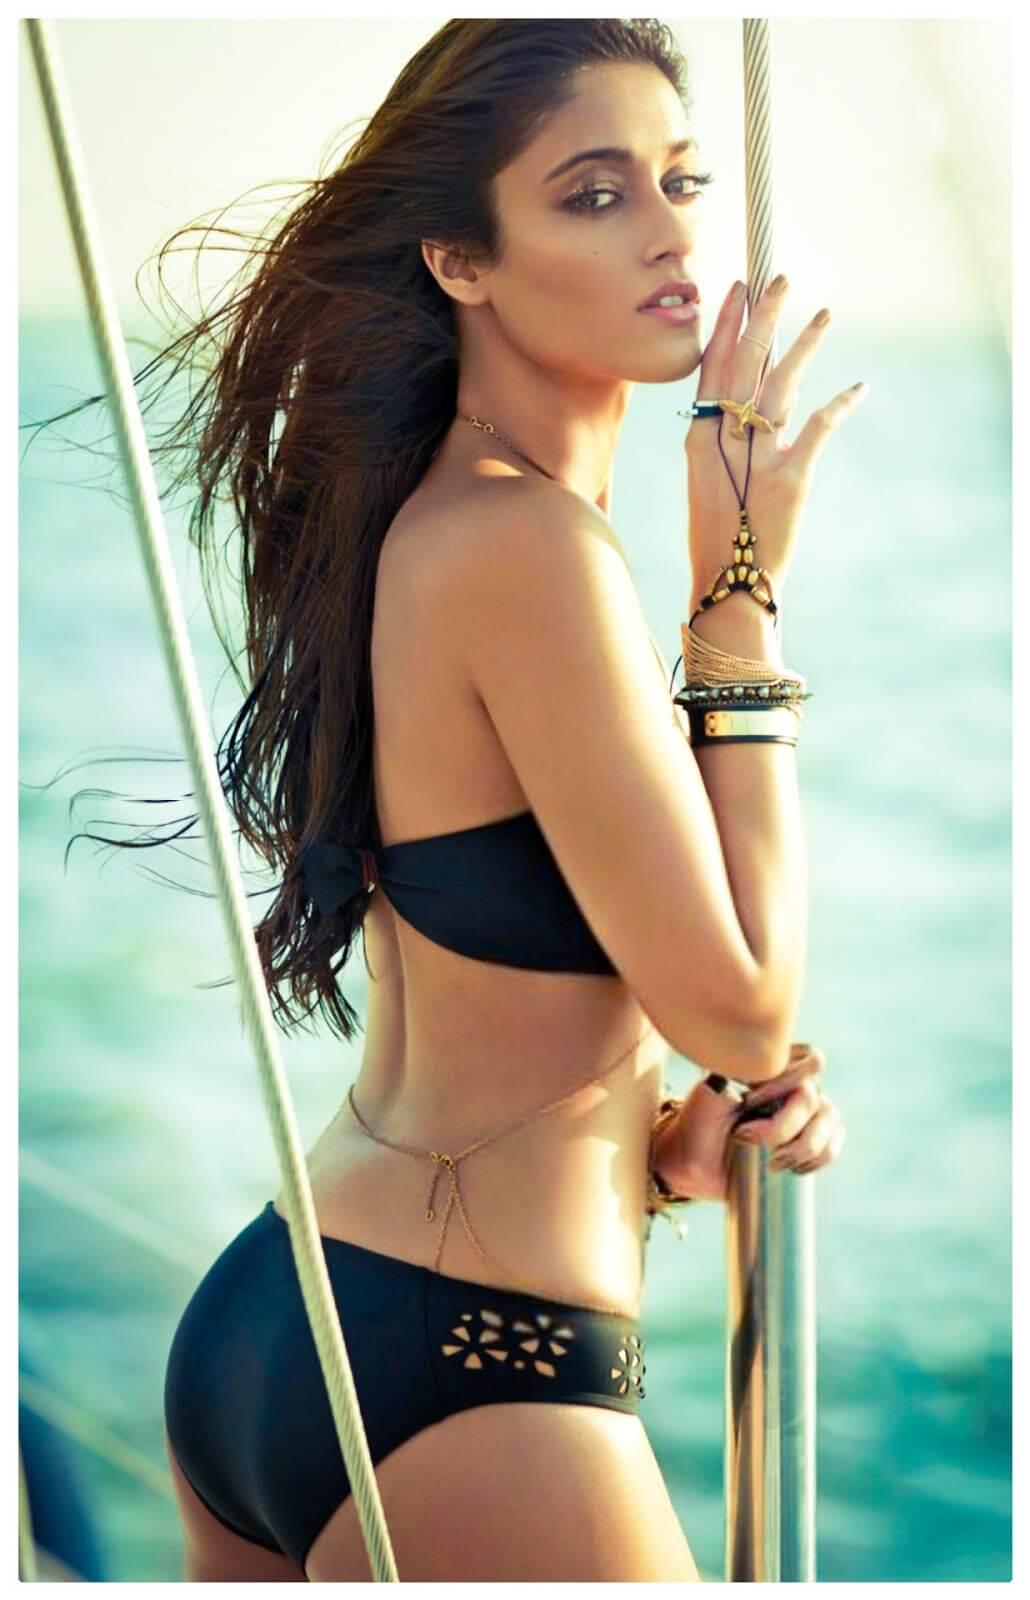 साल 2012 में आई फिल्म बर्फी से Ileana बॉलीवुड में कदम रख।